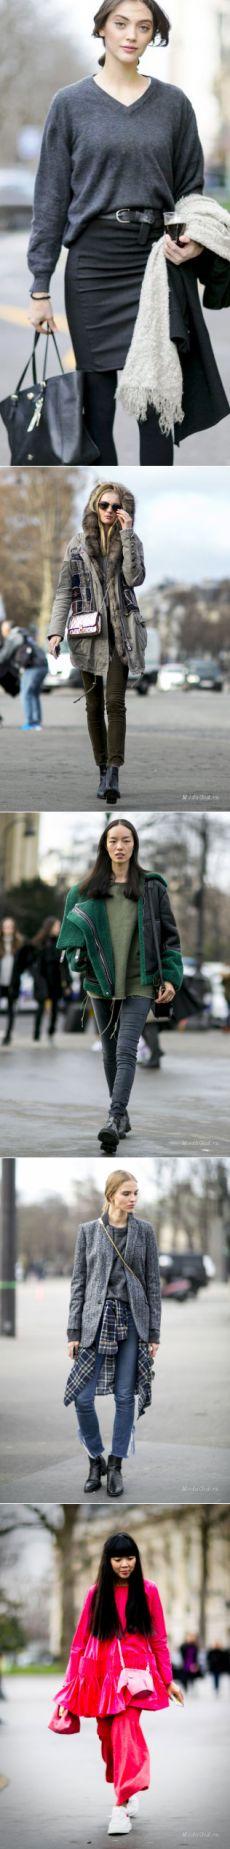 Неделя высокой моды в Париже весна-лето 2016: уличная мода от гостей показов и представителей индустрии моды